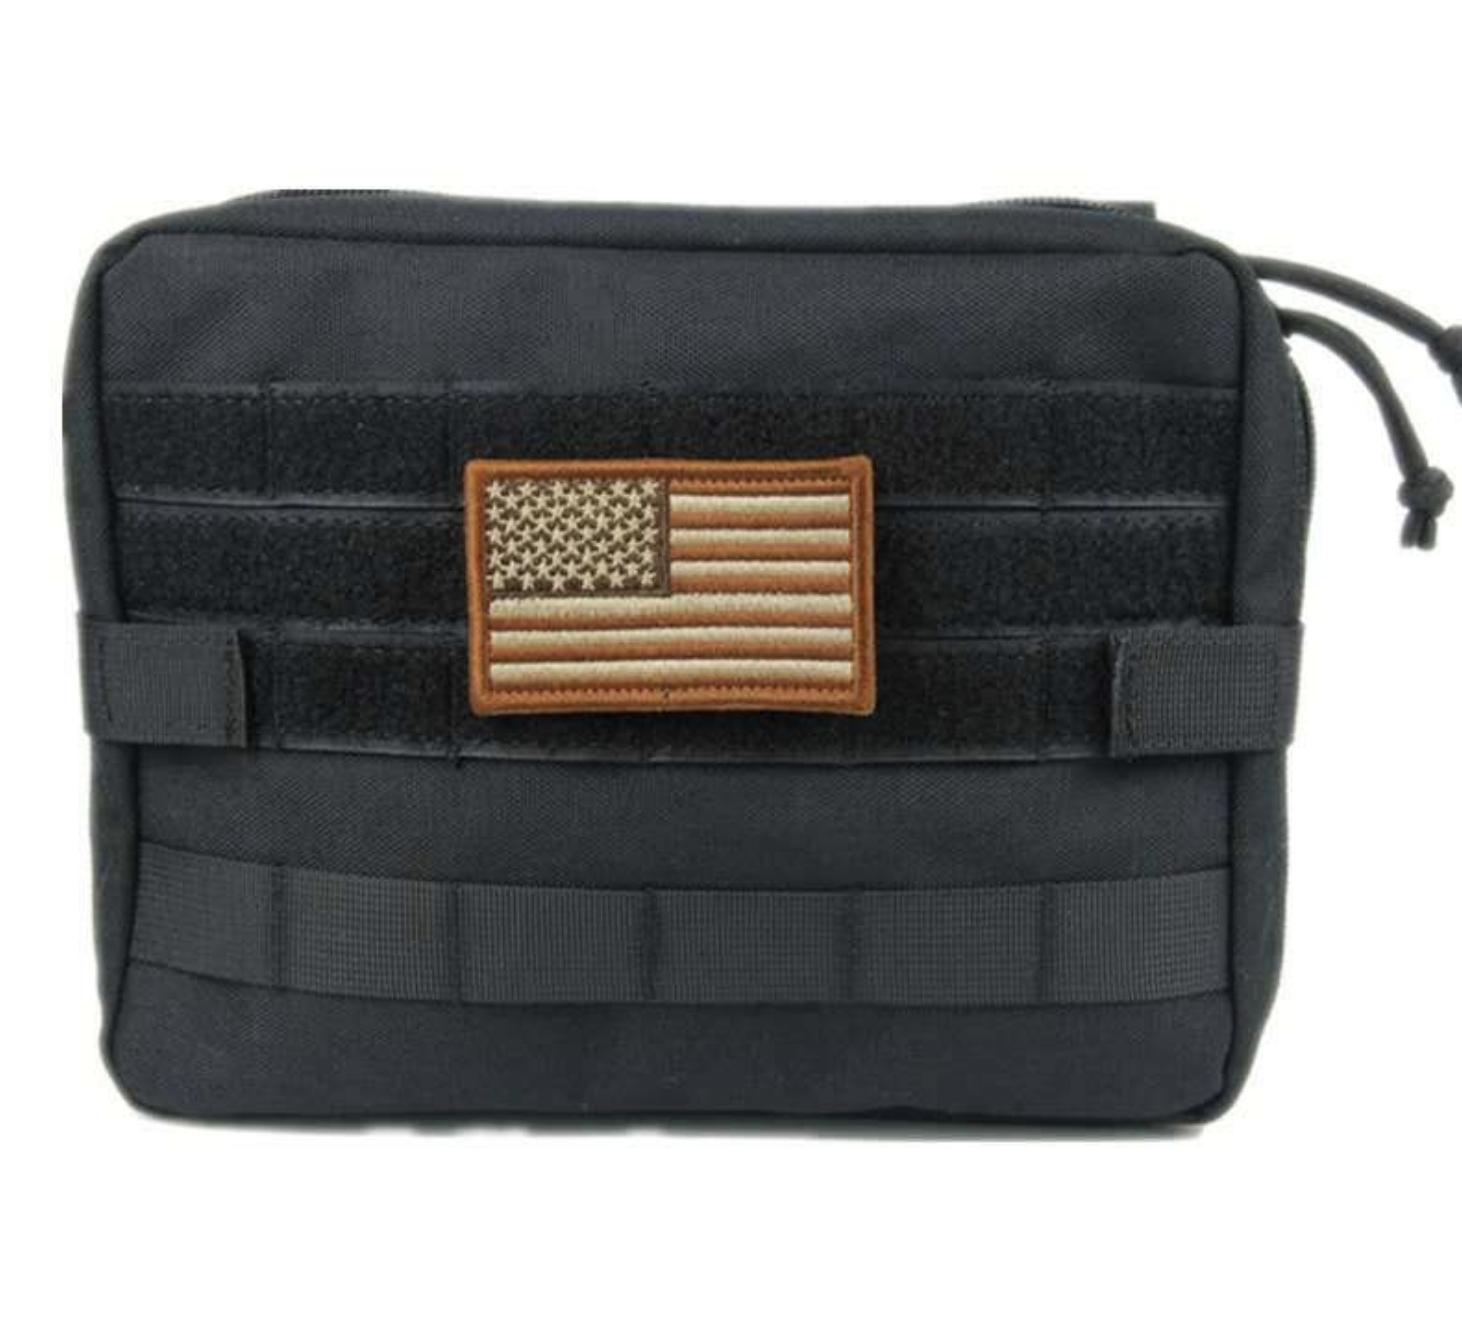 Buy Pttoutdoor Multifunction Tactical Toolkit Bag   eRomman